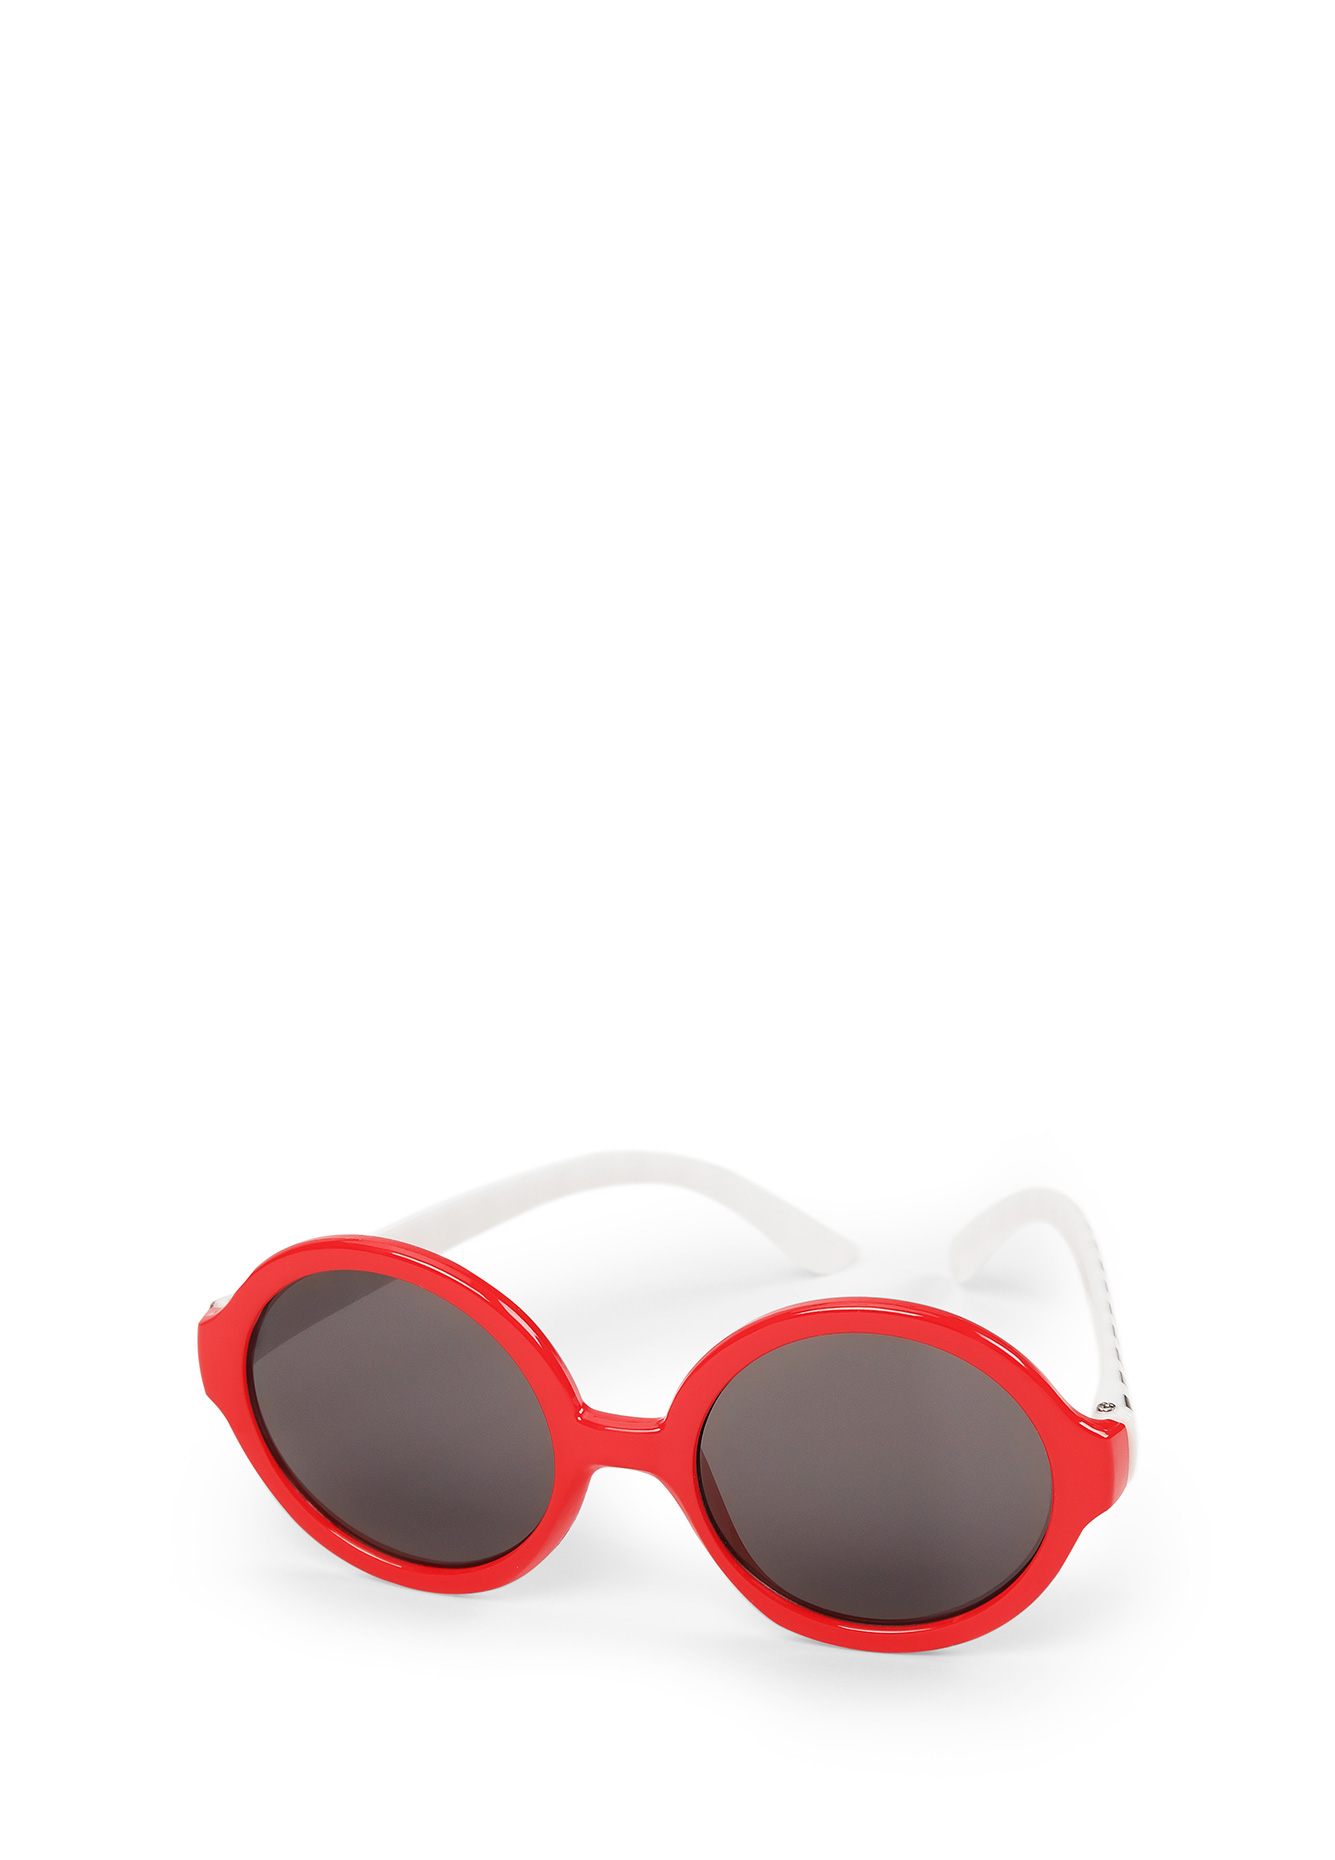 Очки солнцезащитные Happy Baby 5055050550 redСолнцезащитные очки HBтм в круглой оправе – идеальный аксессуар для лета. Изящные розовые будут здорово смотреться на малыше и сделают модным любой его образ. Качество очков соответствует всем требованиям для обеспечения безопасности ребенка. Линзы имеют показатель UV400, что означает максимальную защиту от ультрафиолетового излучения любого диапазона.